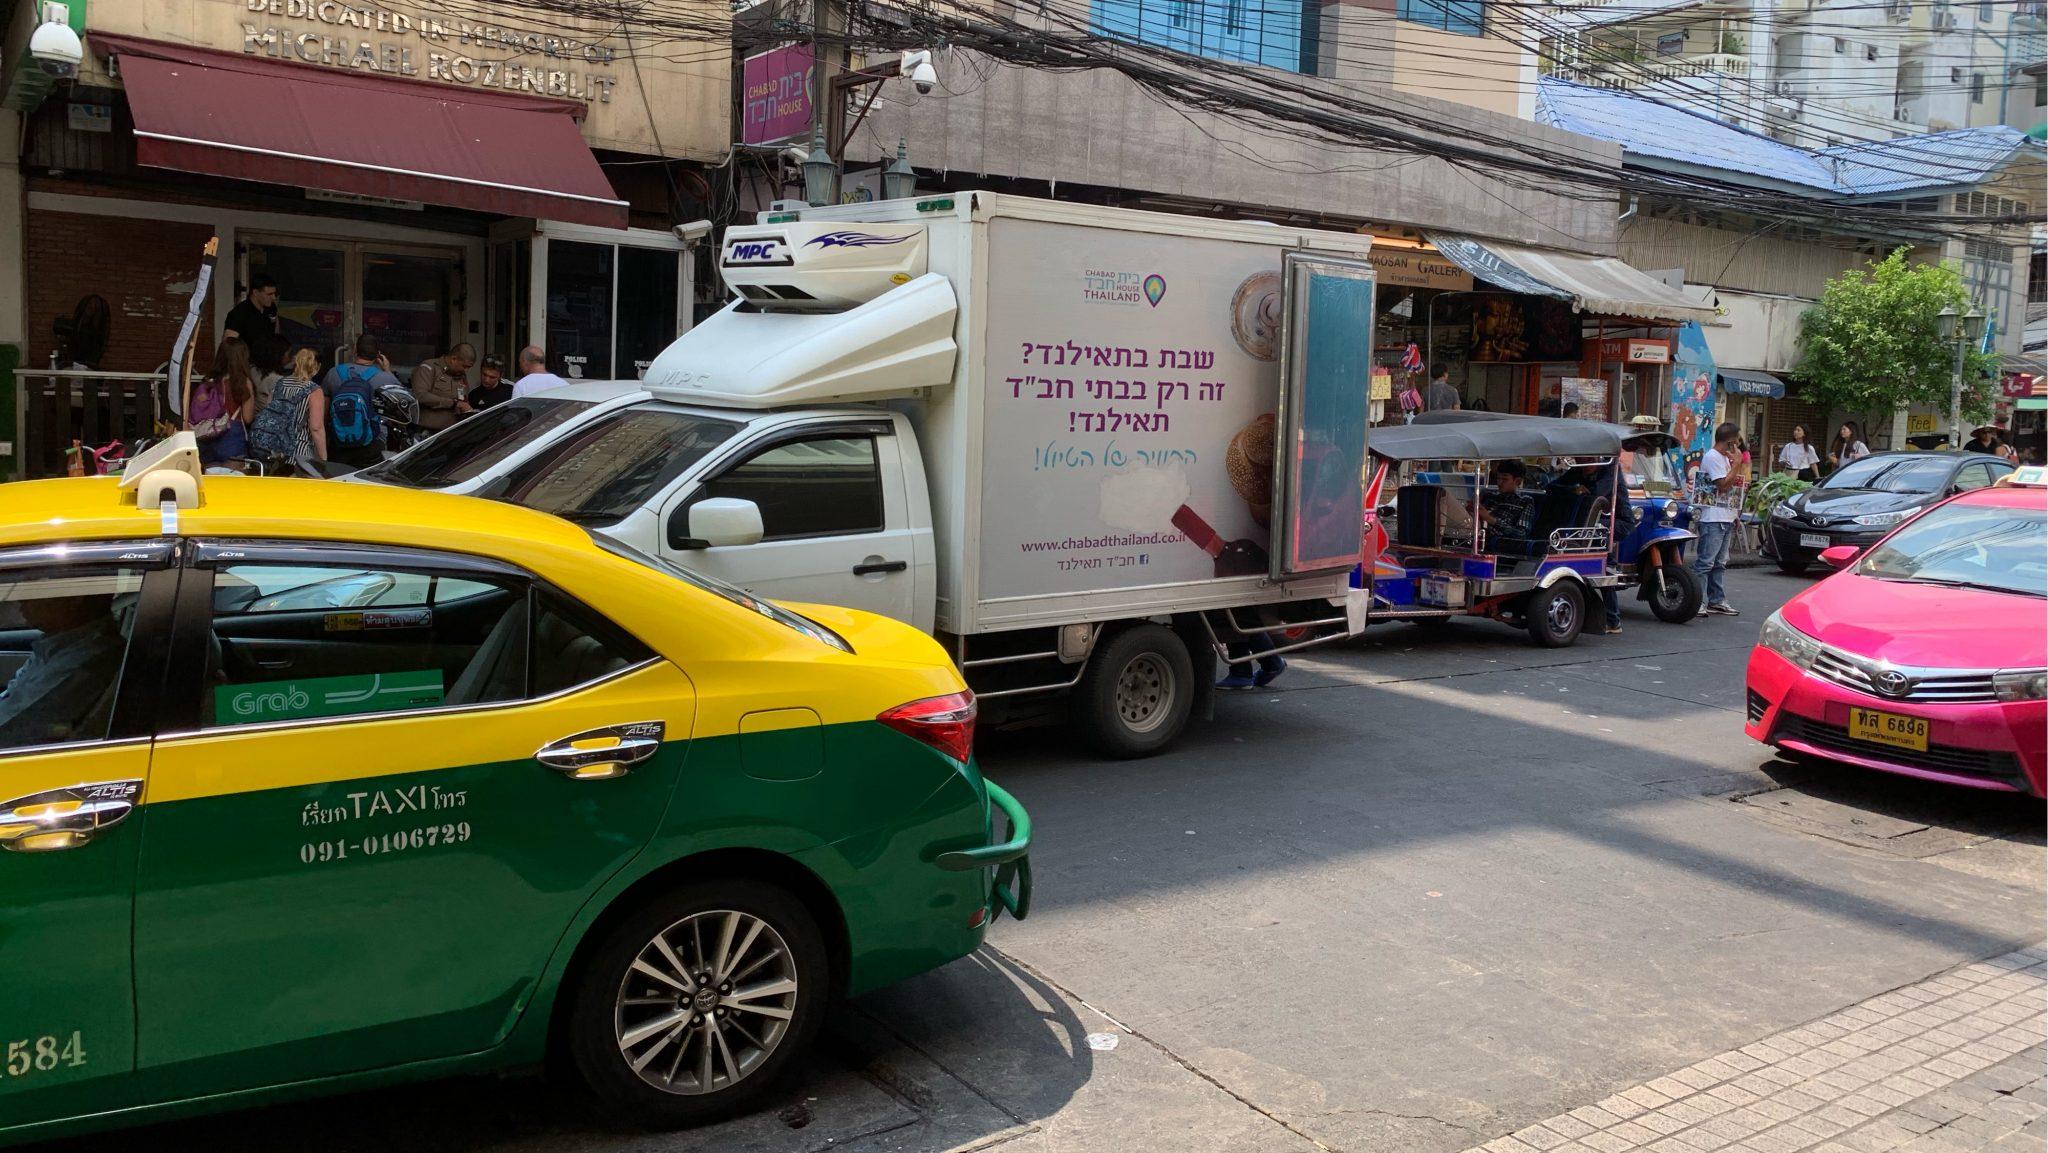 800 איש שרים יחד ״שלום עליכם״ – החוויה שלי עם חב״ד בתאילנד